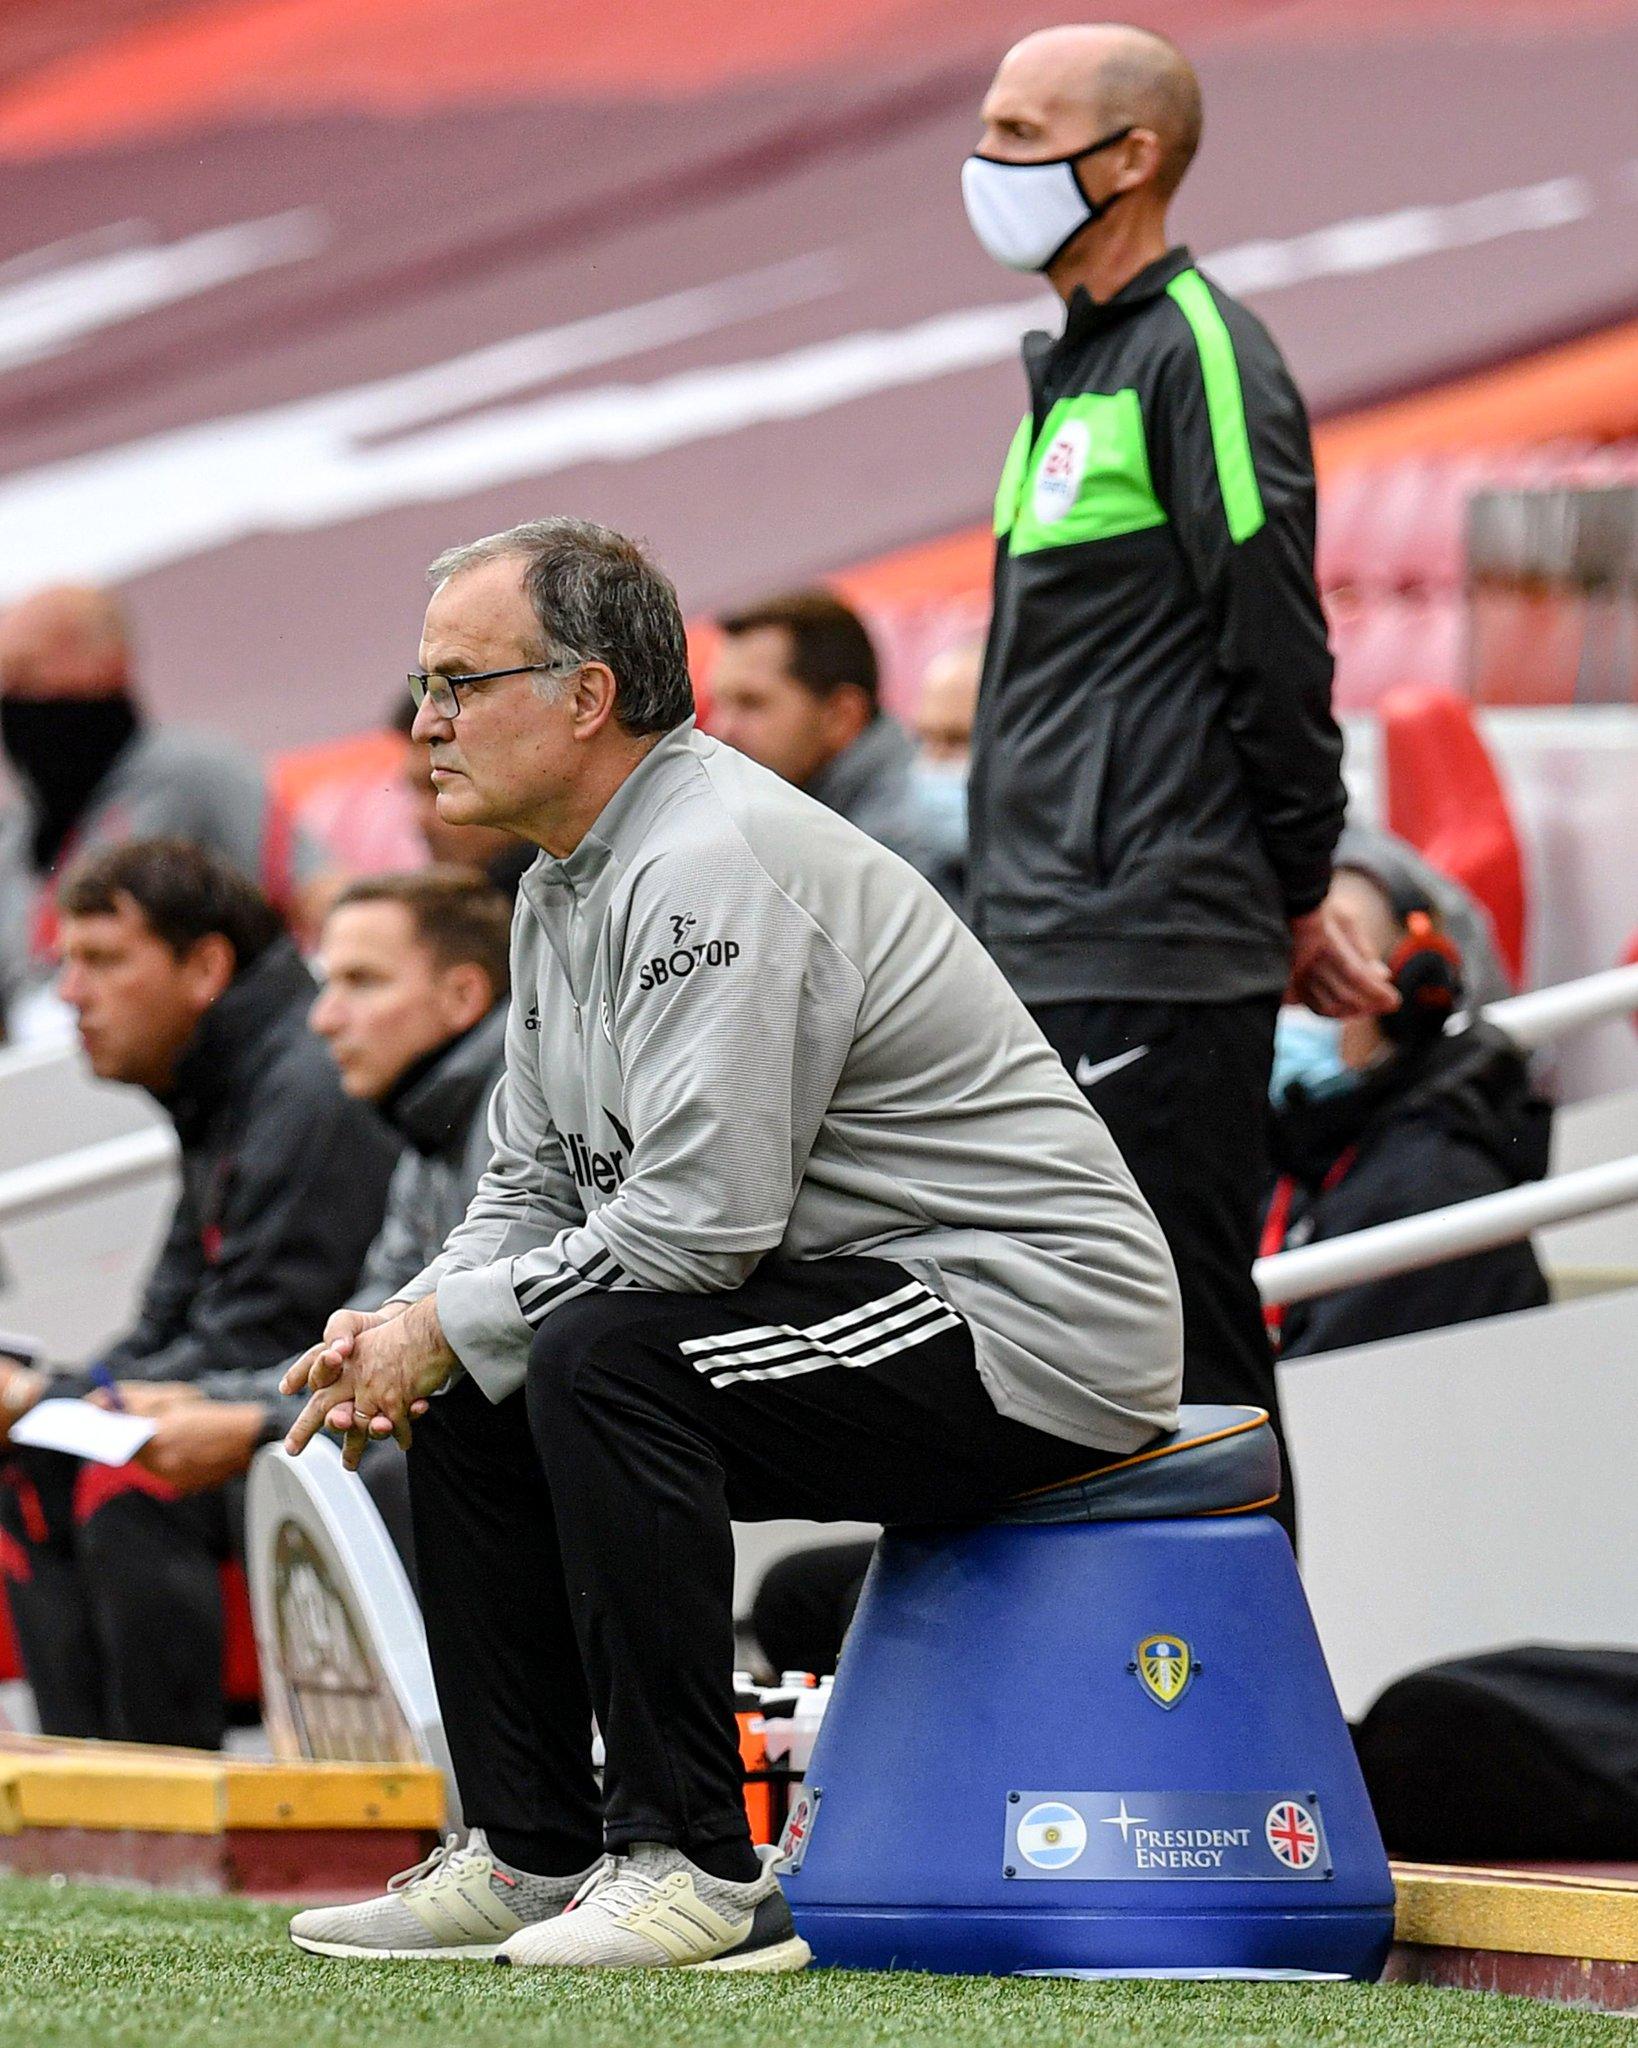 卡拉格:我当教练肯定比内维尔强,但比起贝尔萨还差得远